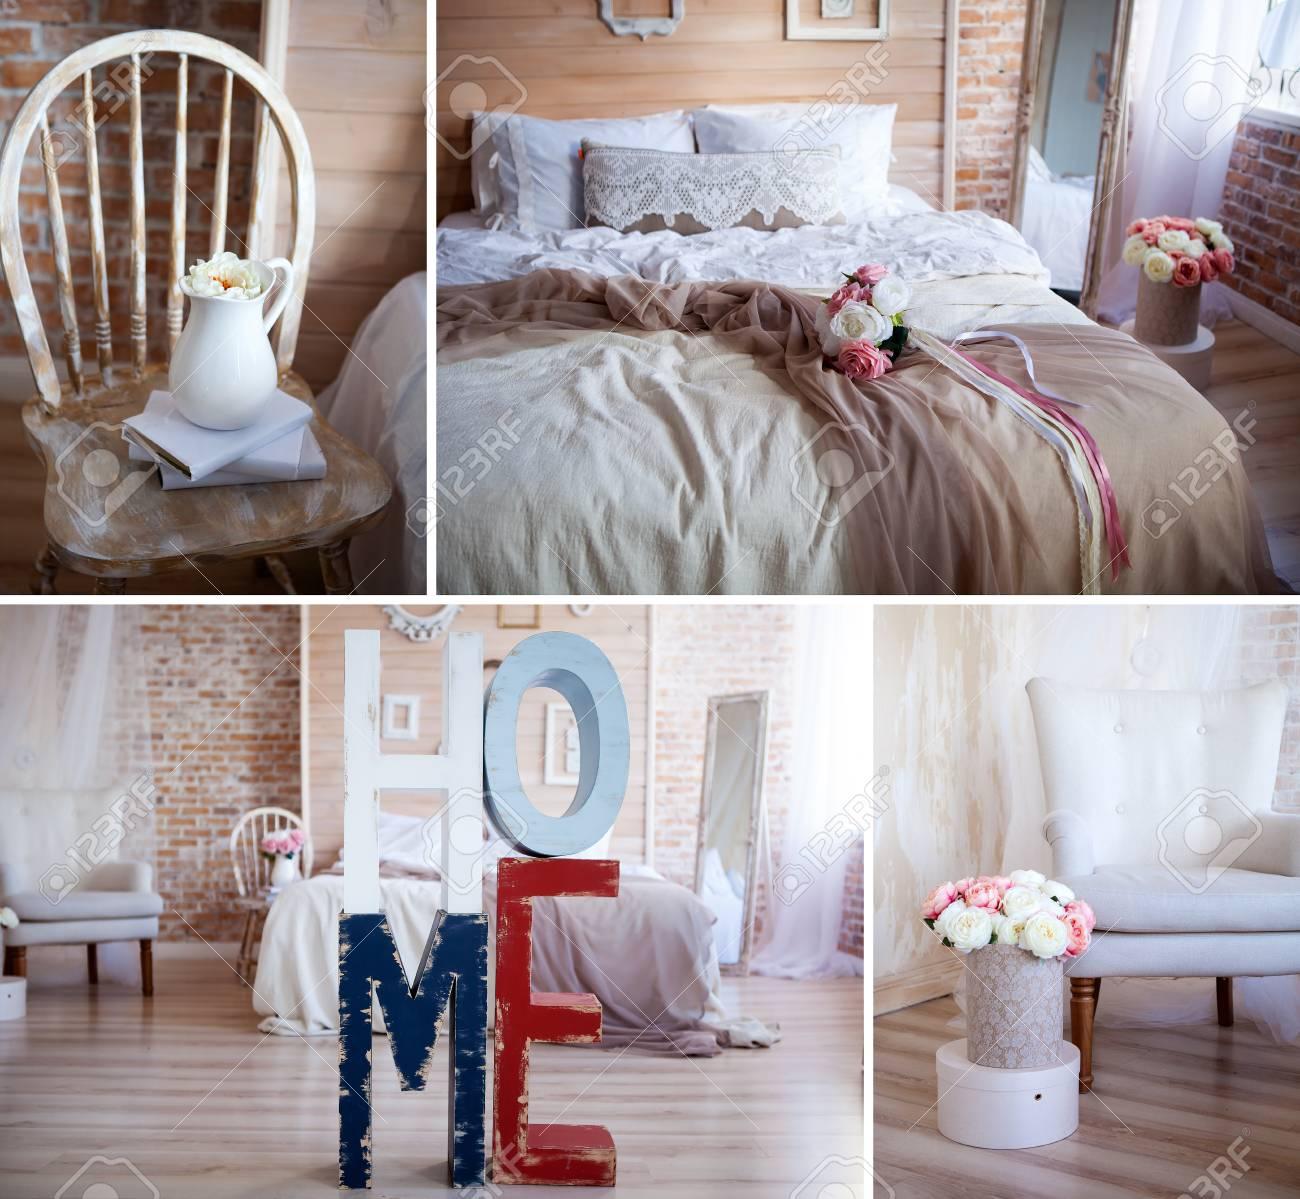 Dettagli interni della camera da letto in stile rustico. Sedia beige con  baldacchino, sedia retrò con libri e una brocca decorata con fiori. Letto  con ...